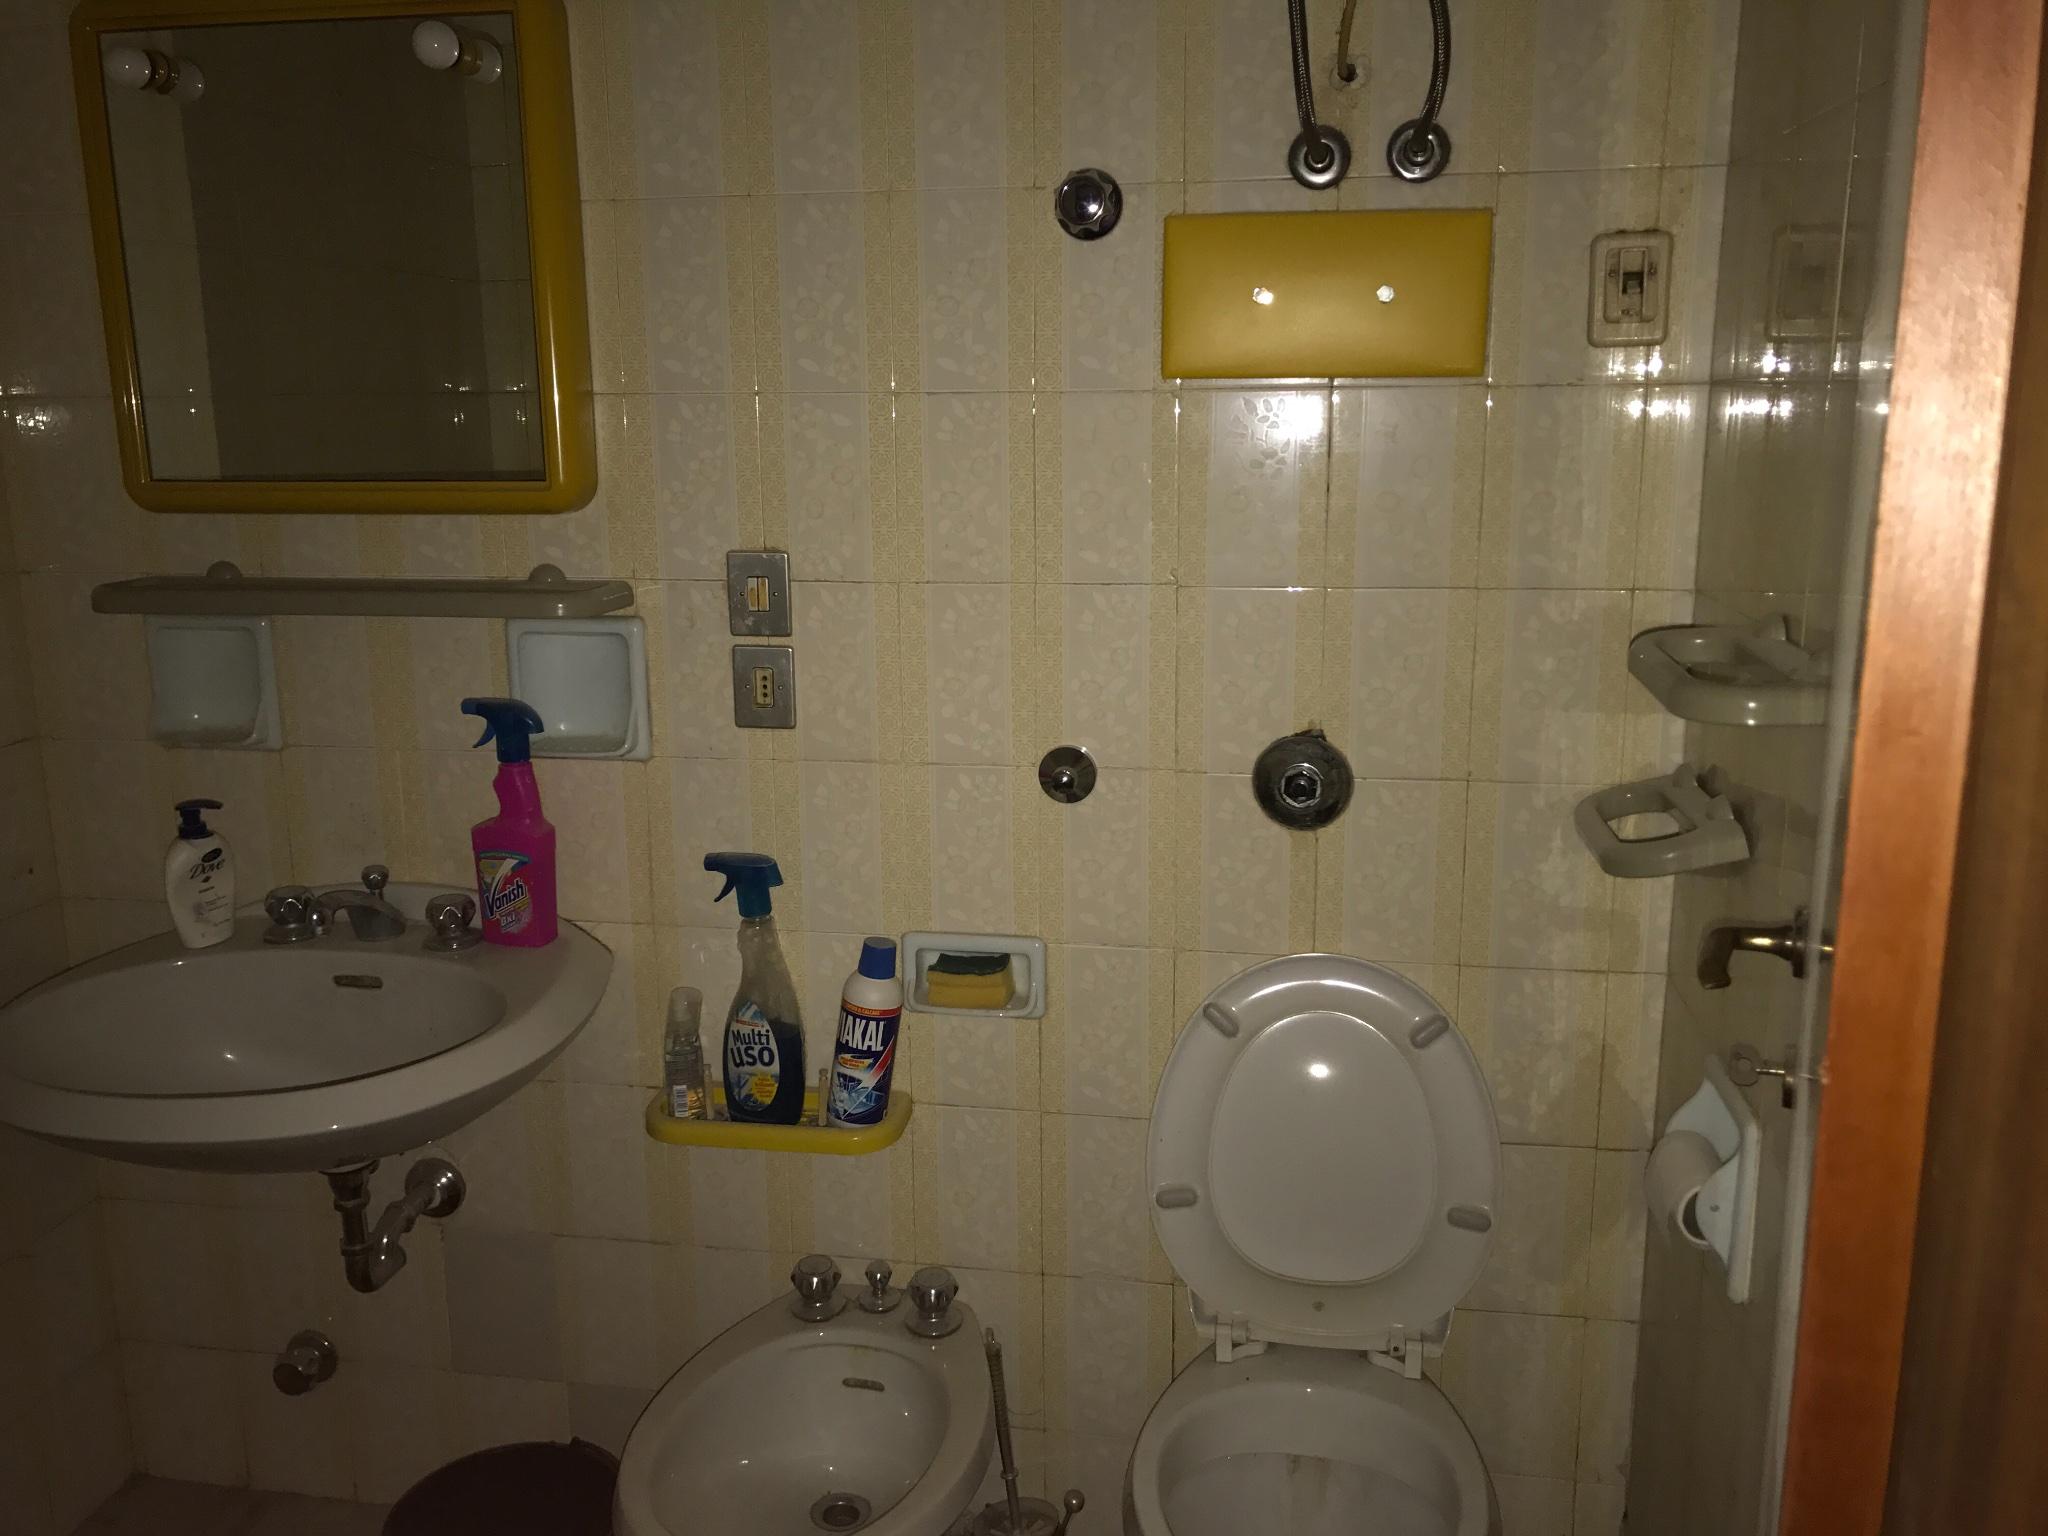 Lucida pavimenti marmo e parquet rifare bagno tinteggiare - Tinteggiare il bagno ...